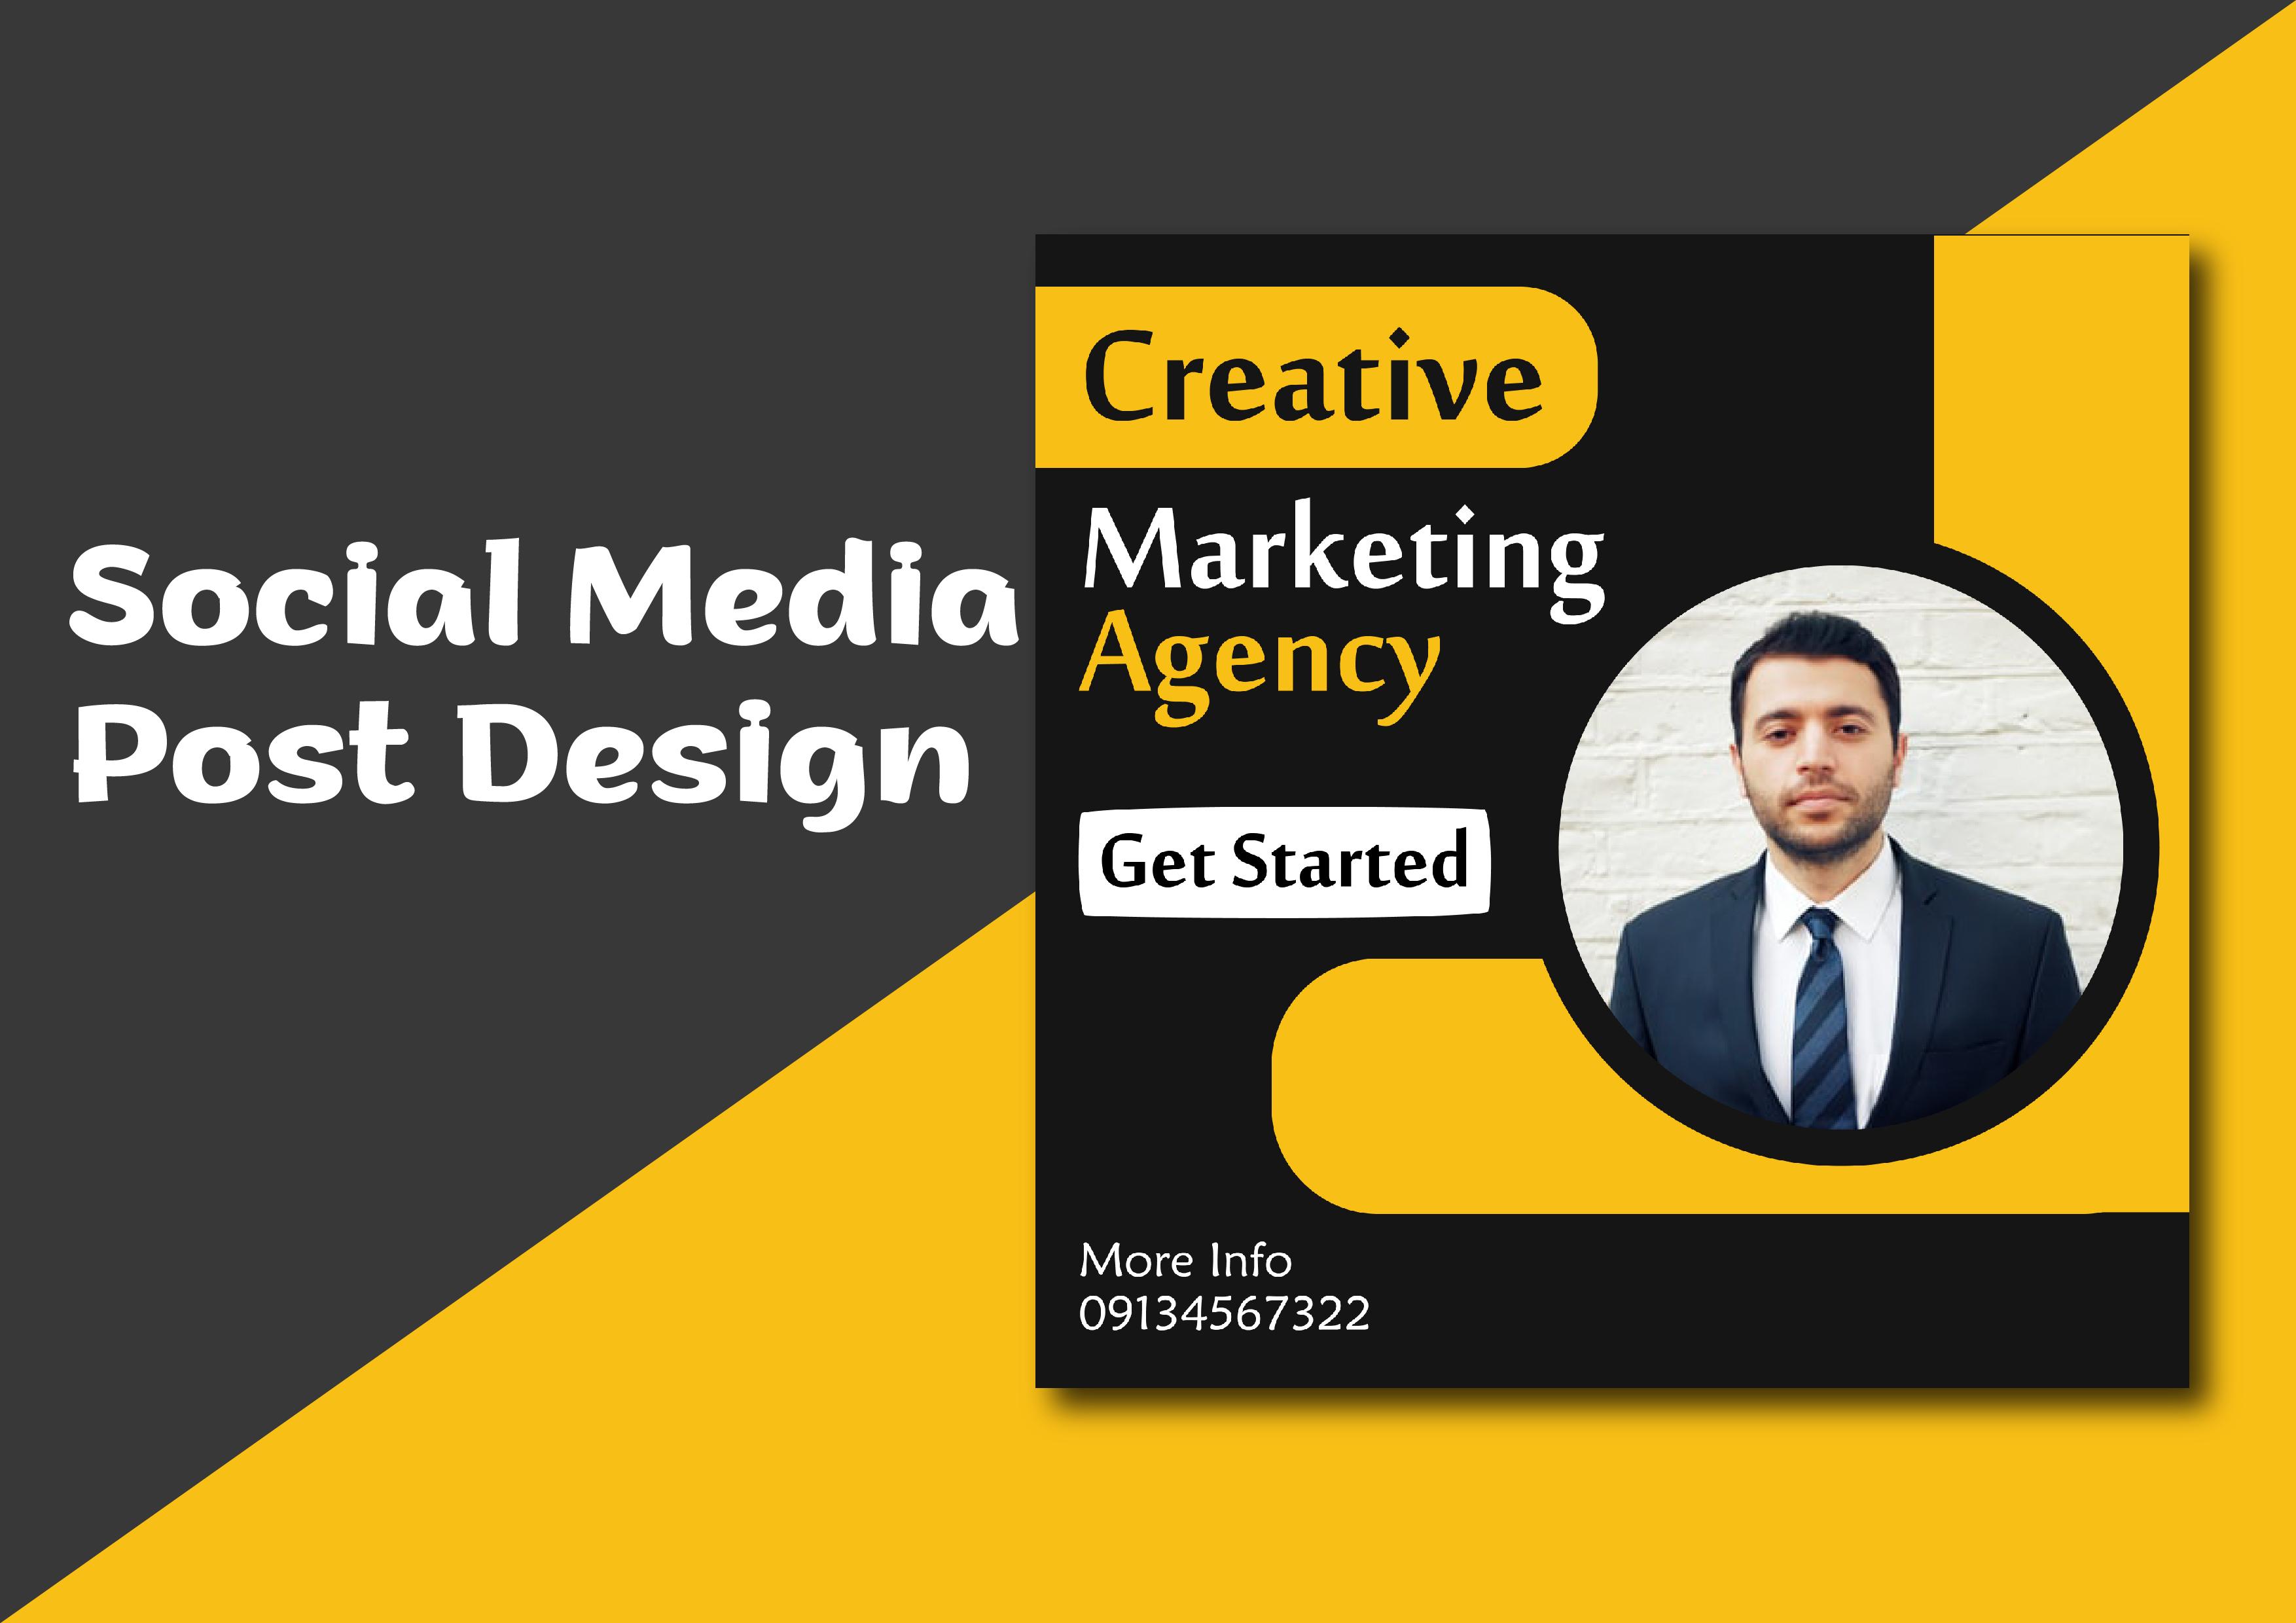 I will design social media post design.